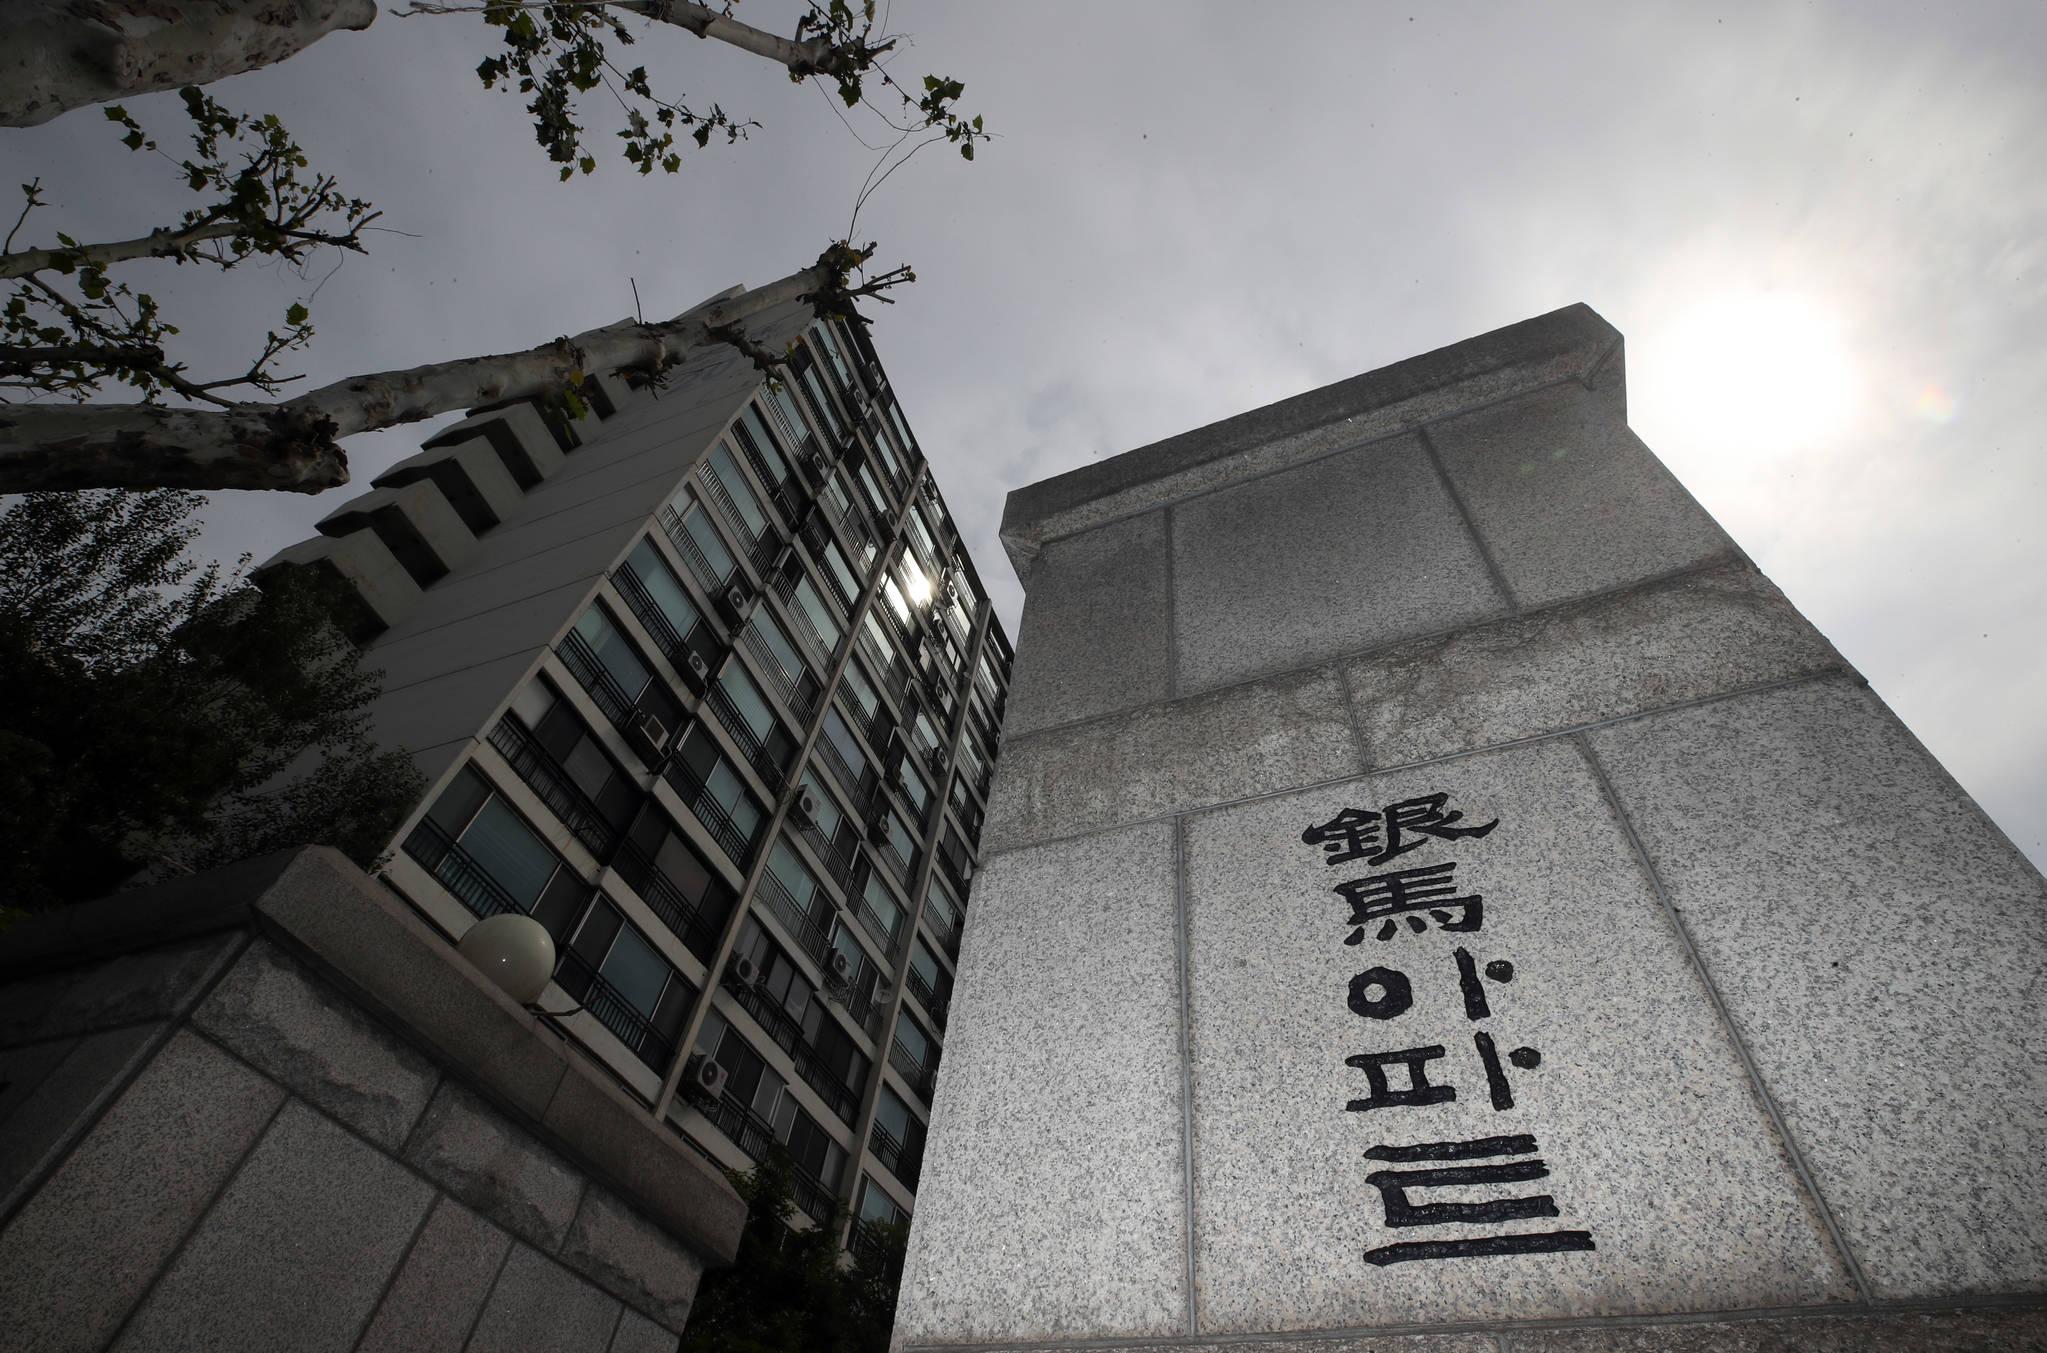 49층→35층 낮췄지만···은마아파트 재건축 네 번째 좌절